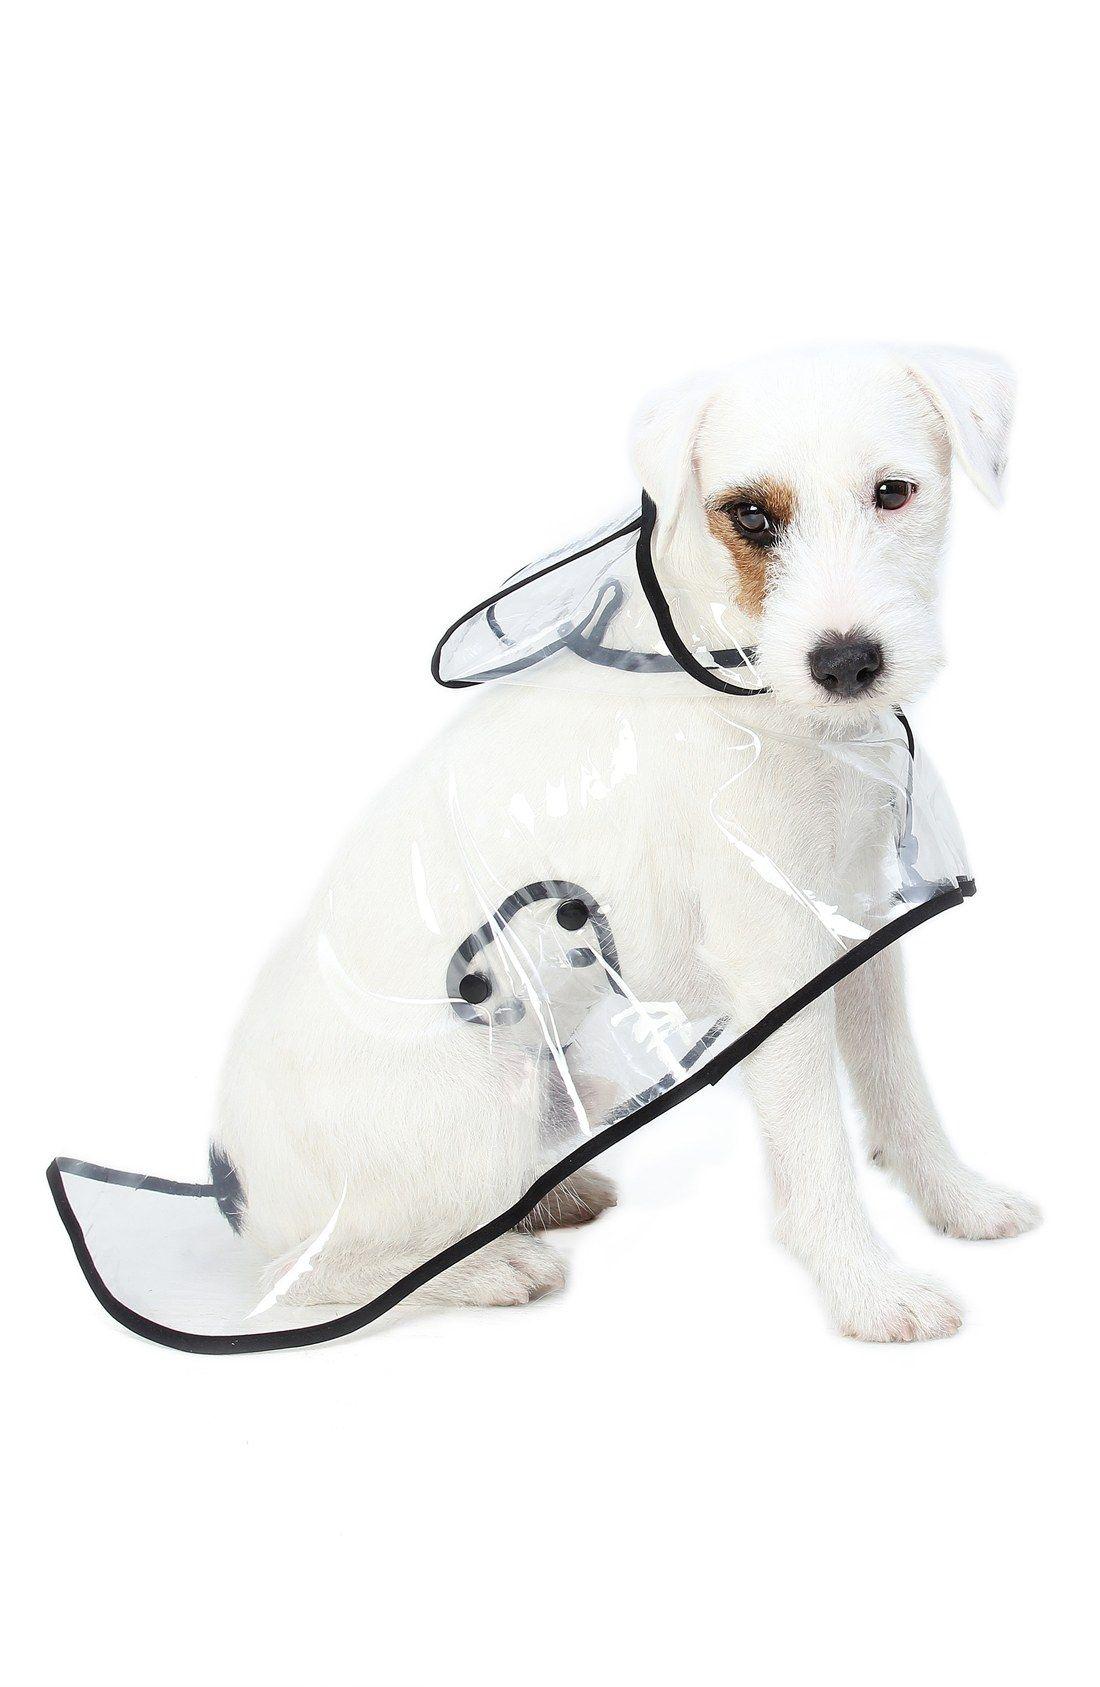 Romy Jacob The City Vinyl Dog Raincoat Dog Raincoat Dog Day Afternoon Dogs